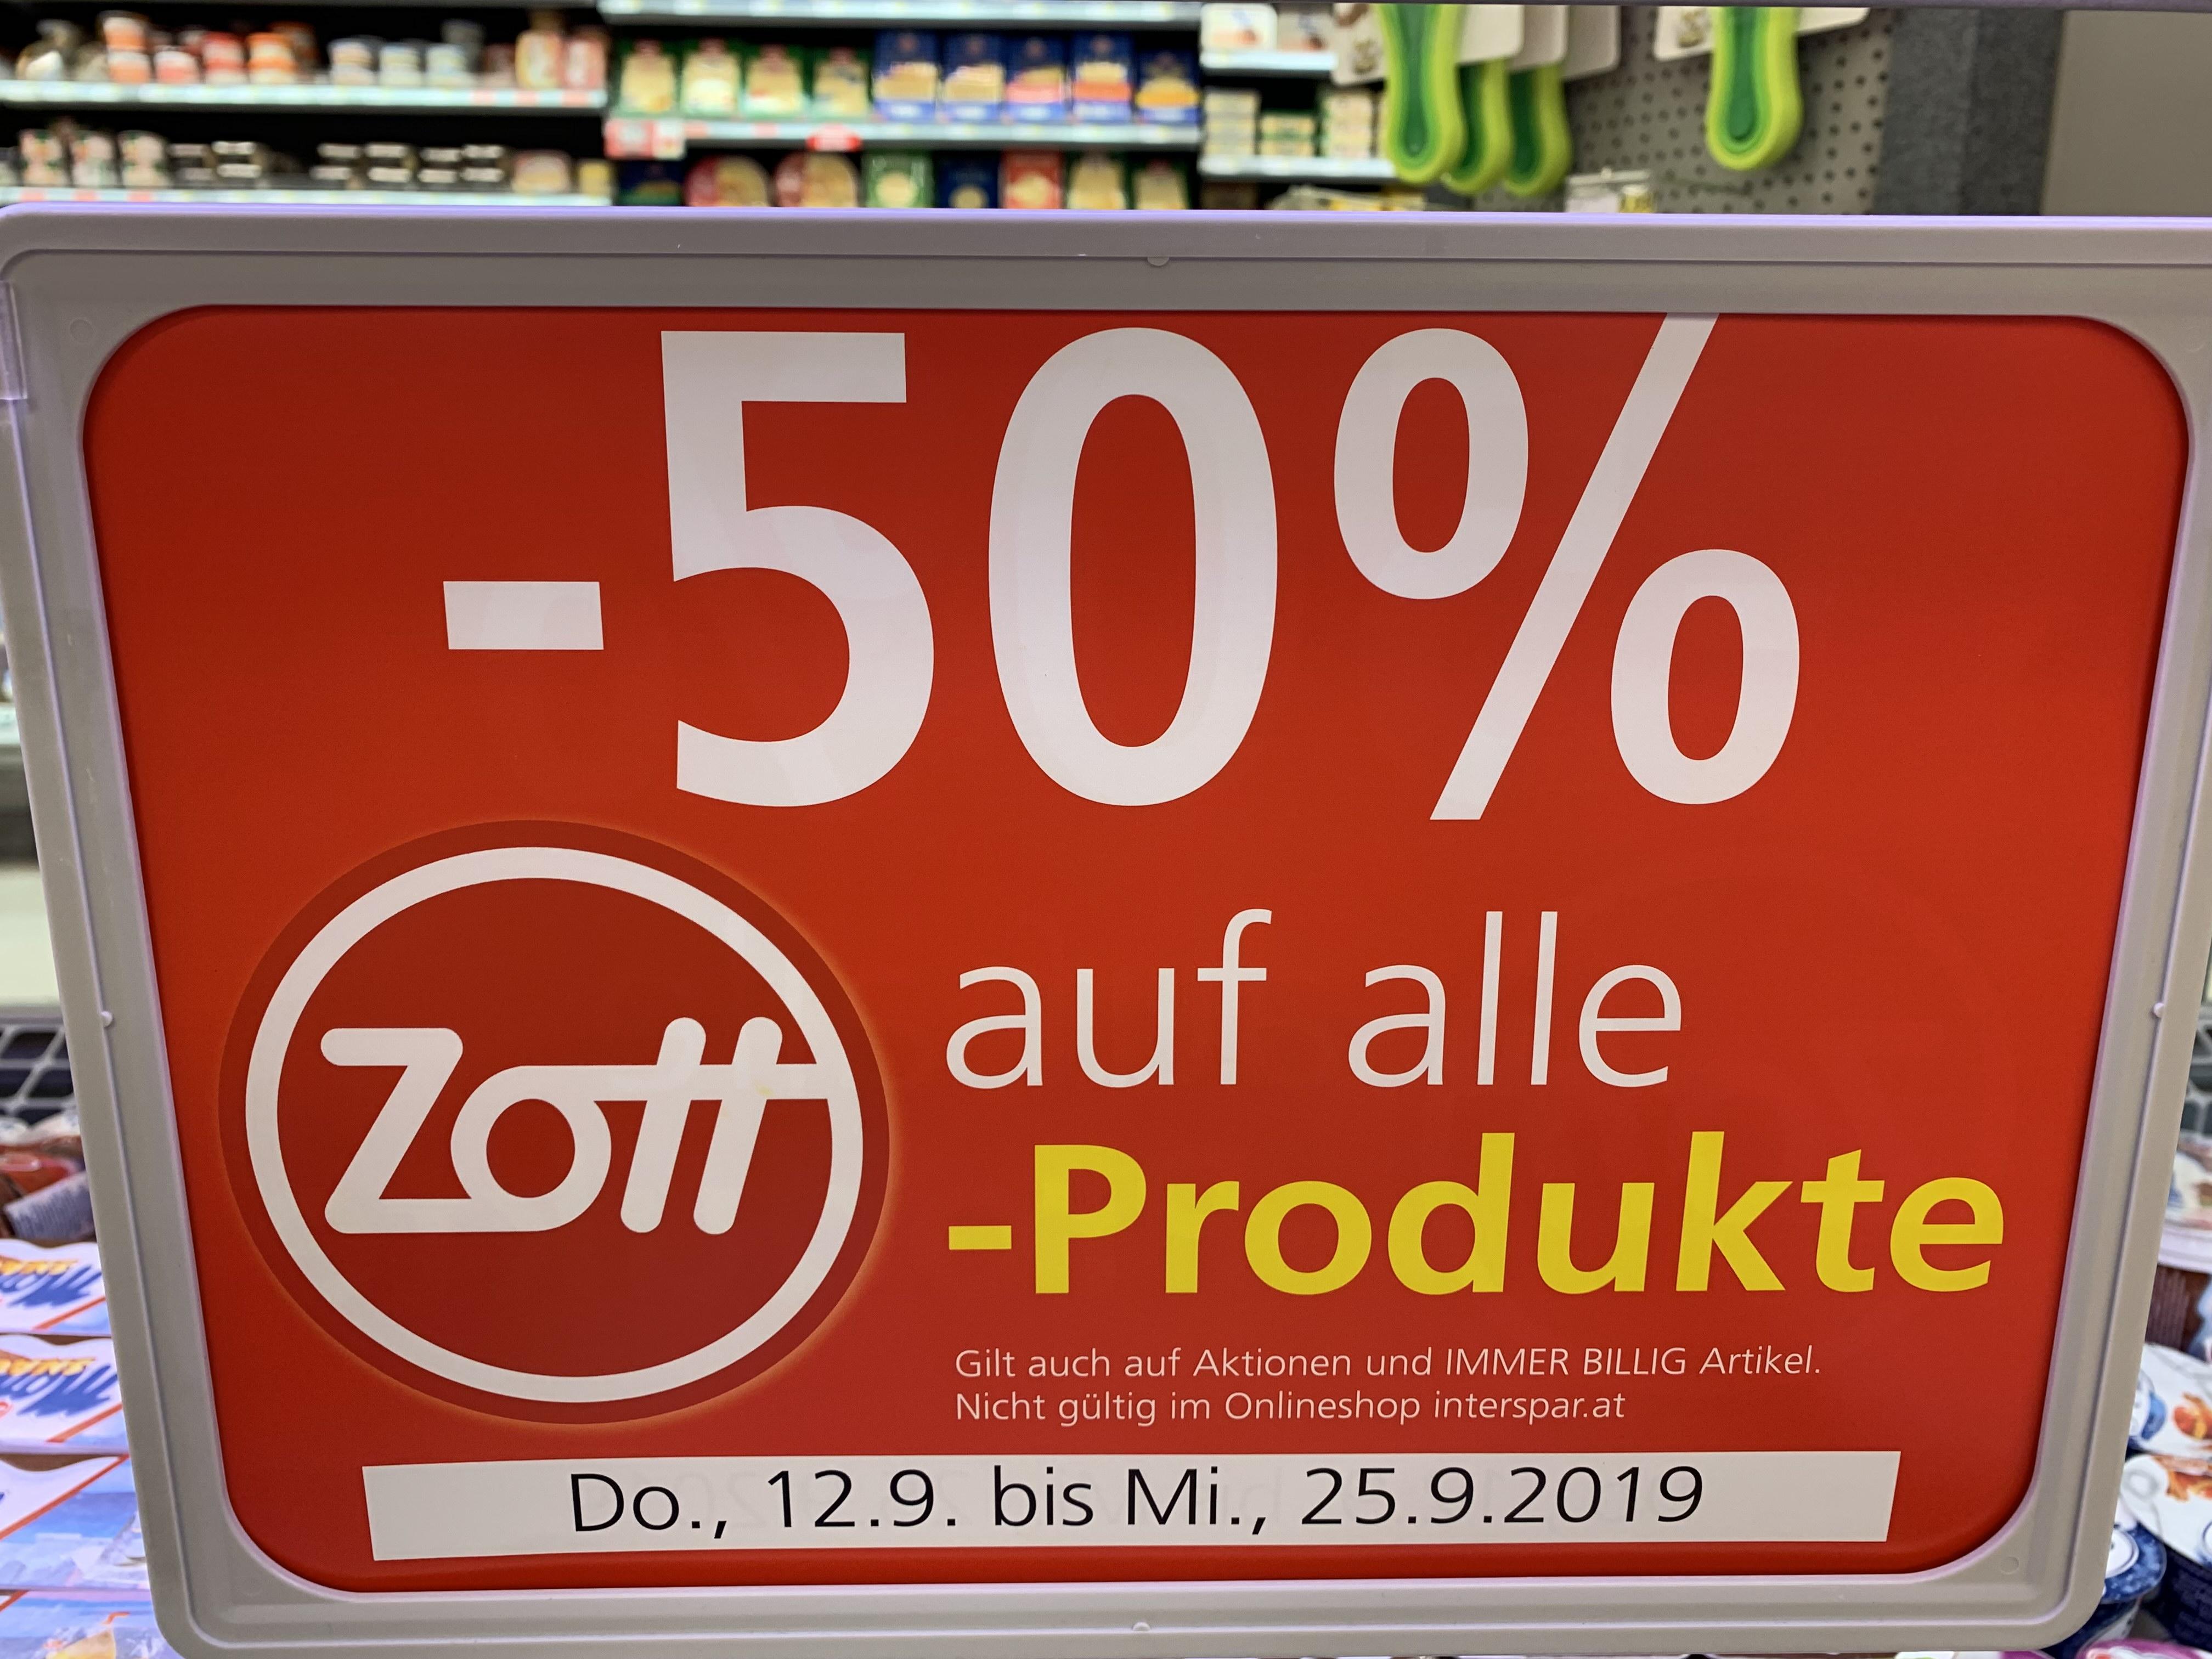 -50% auf Zott-Produkte bei Spar/Eurospar/Interspar